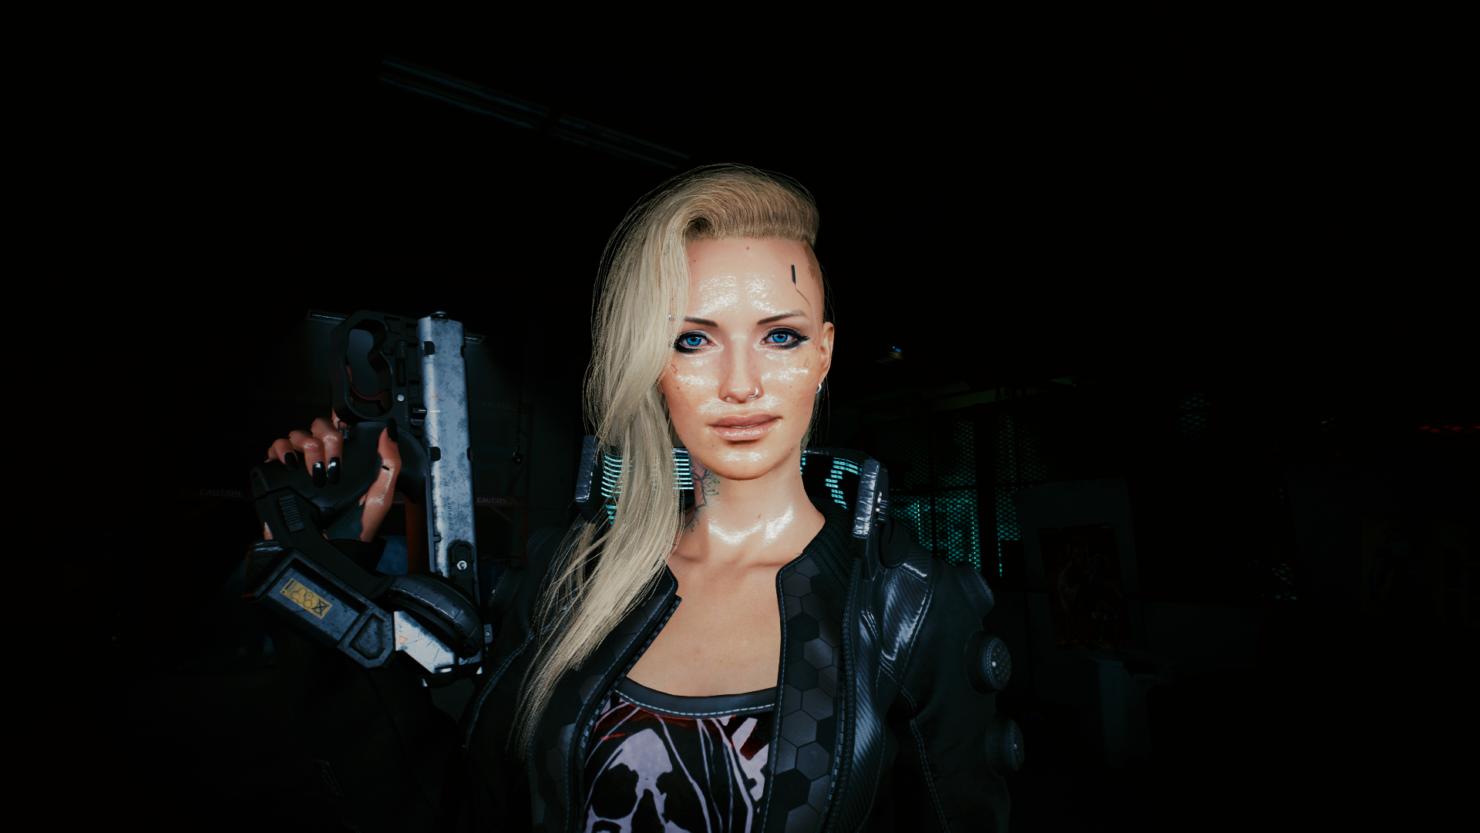 cyberpunk-hair-mods-rogue-2077-1-2